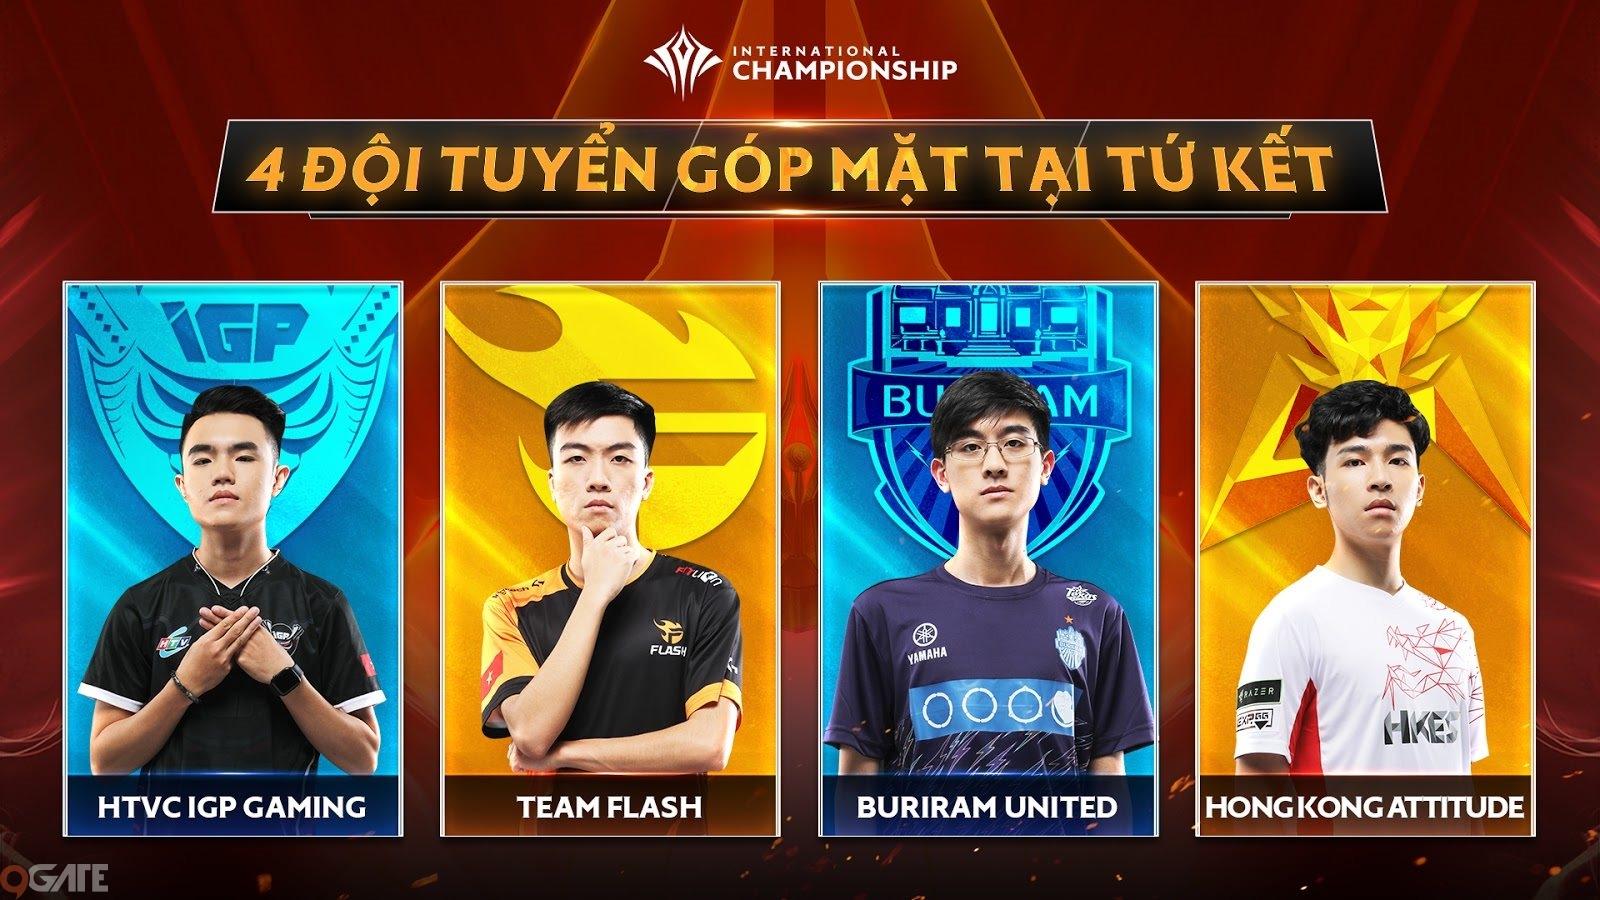 AIC 2019 khép lại vòng tứ kết, công bố lịch bán kết và chung kết diễn ra tại Thái Lan